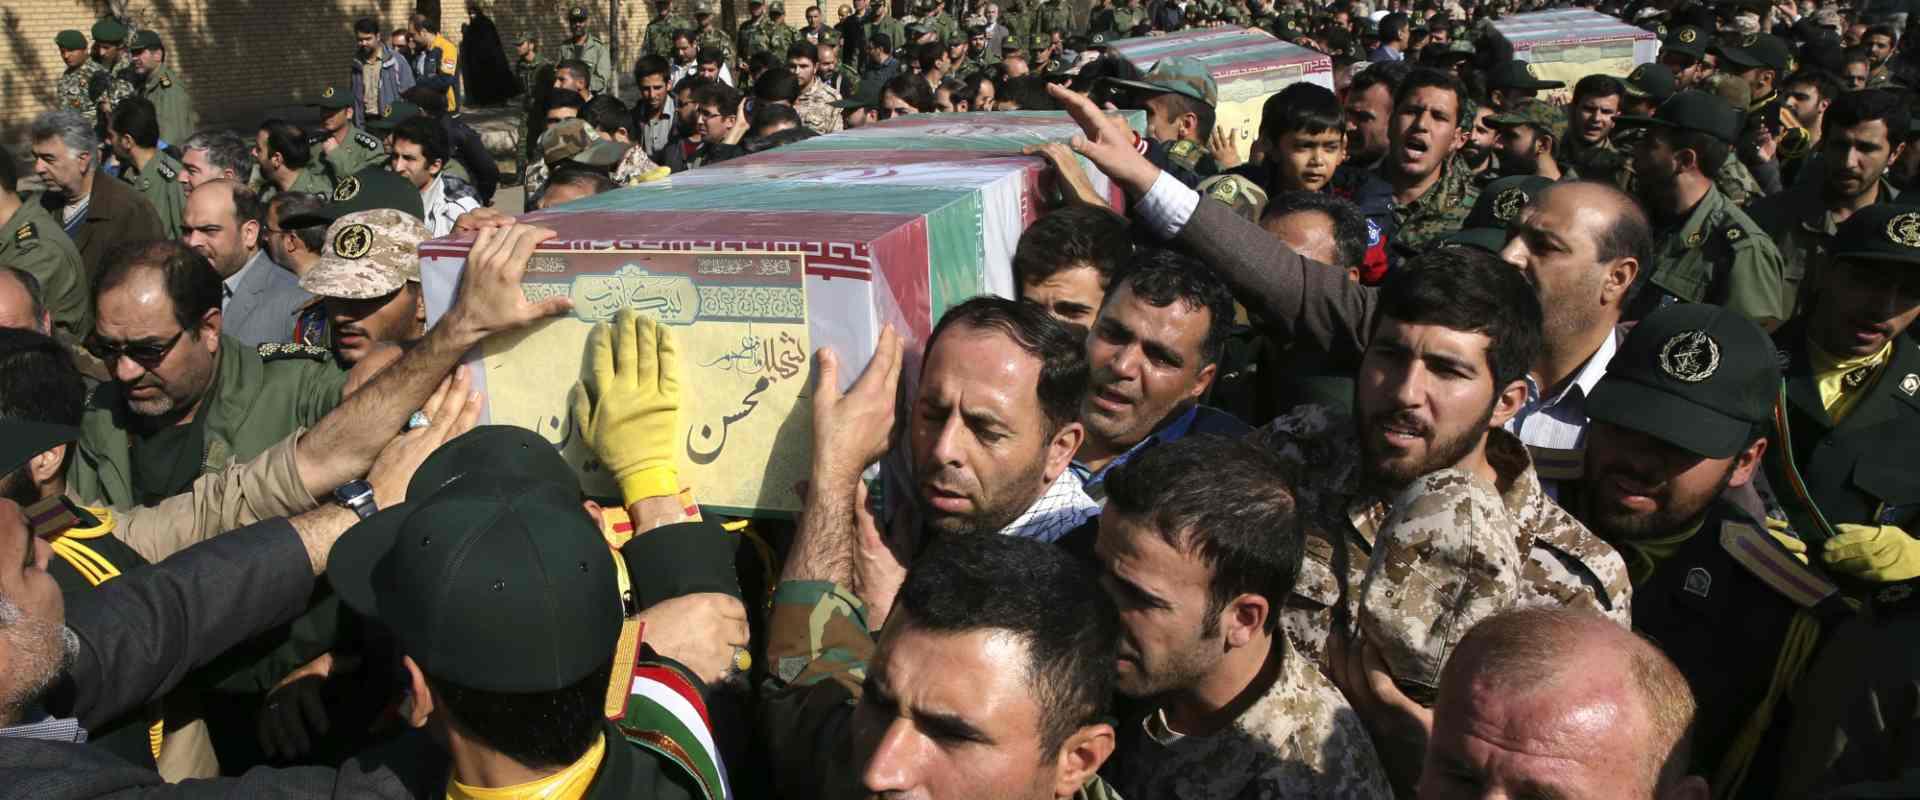 הלוויית לוחם איראני שנהרג בסוריה